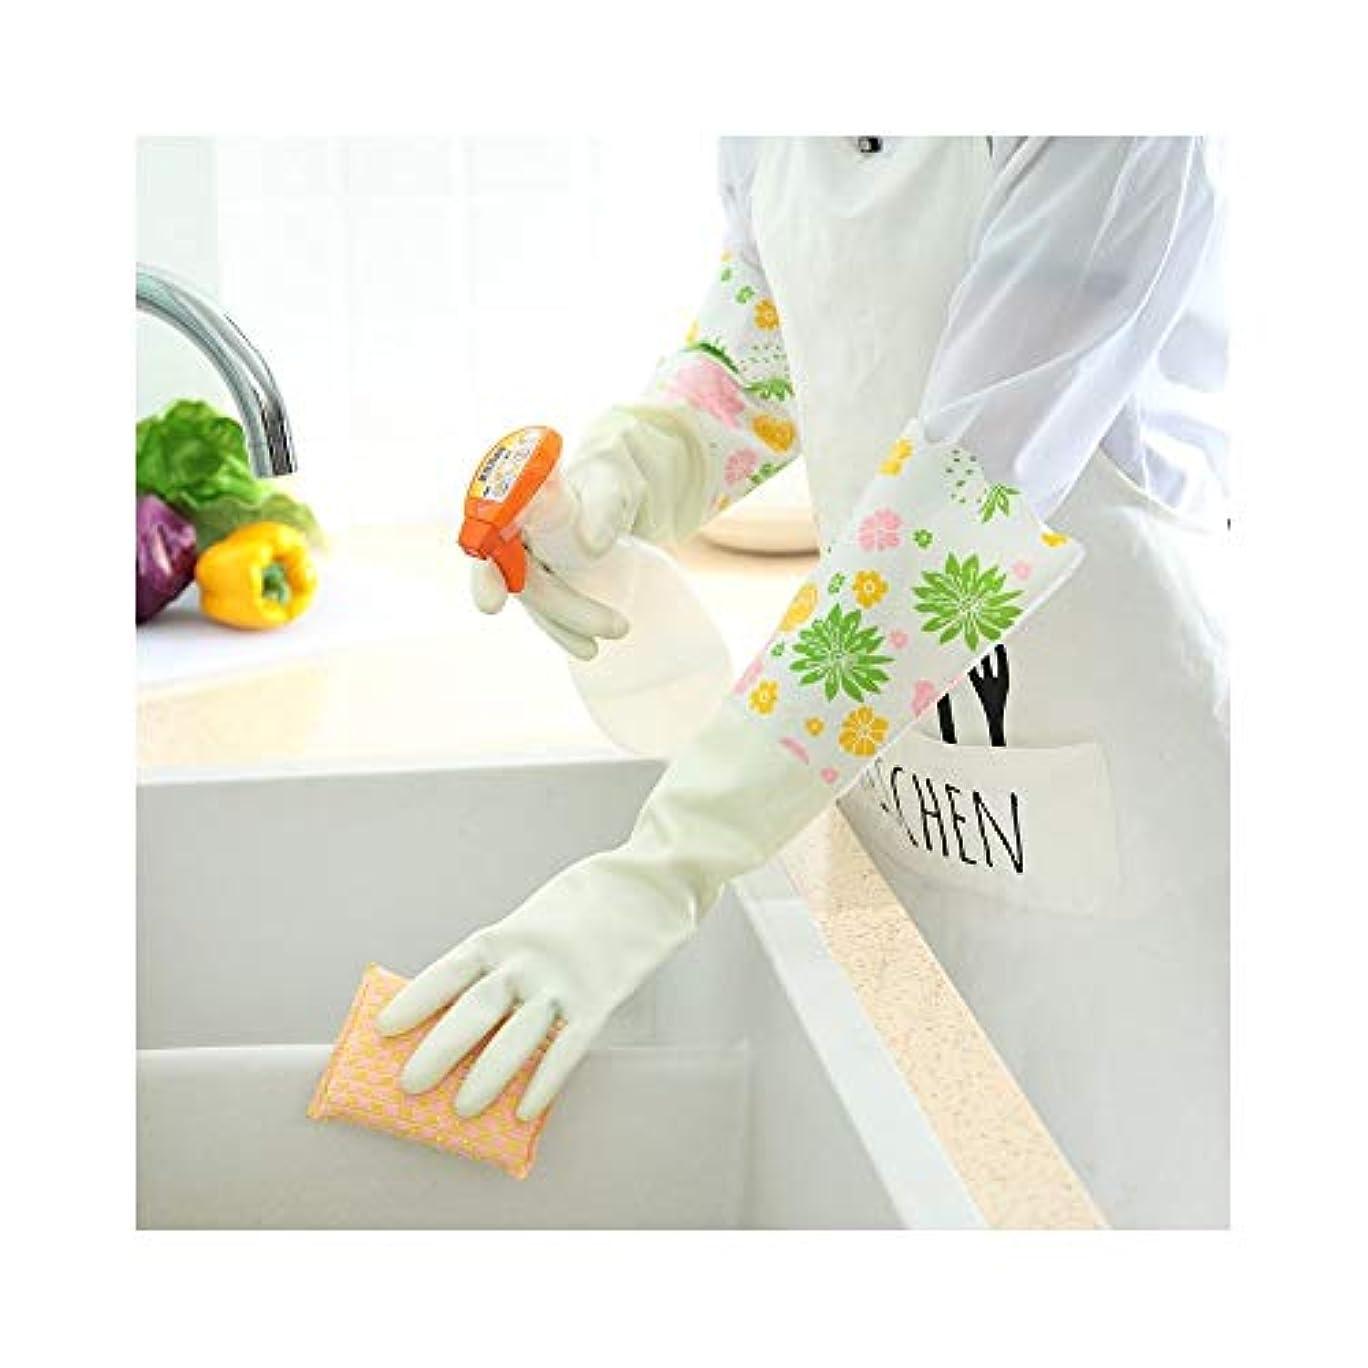 メドレー範囲三ニトリルゴム手袋 キッチン用手袋防水性と耐久性のあるゴム製家事用手袋、1ペア 使い捨て手袋 (Color : GREEN, Size : L)